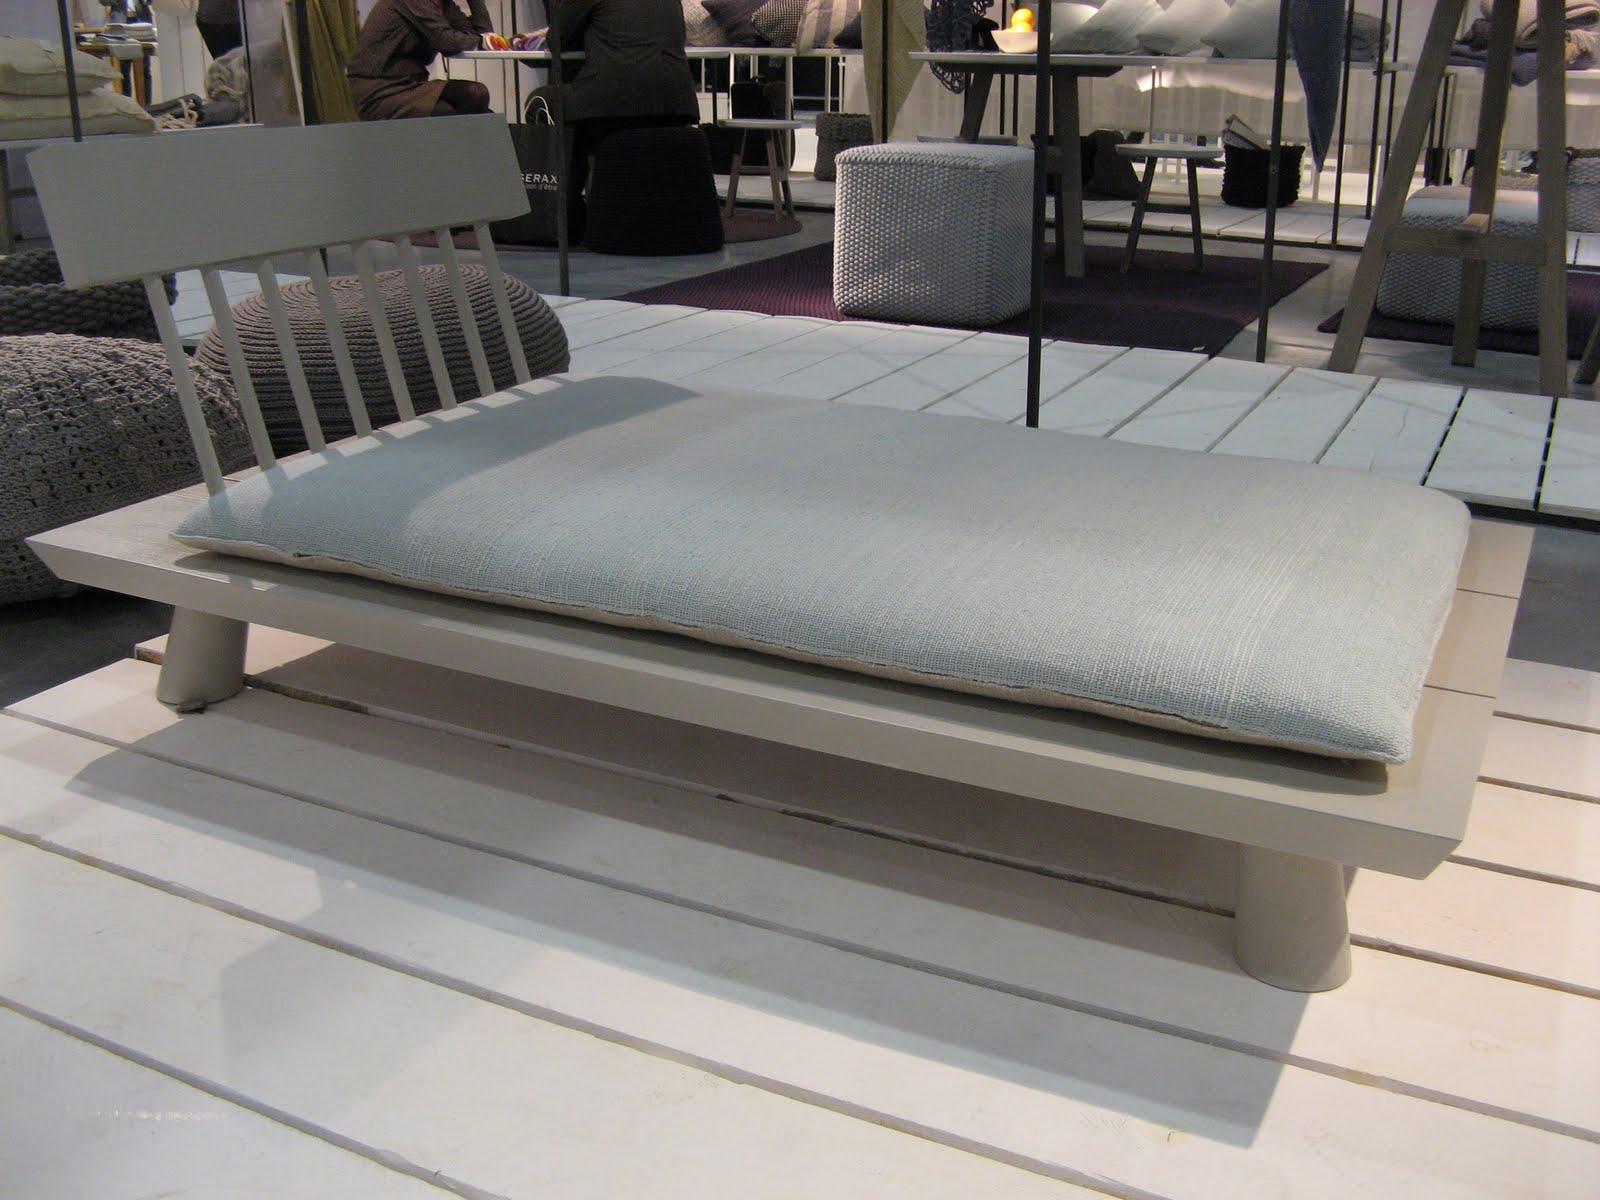 D co les incontournables de flo deco mobilier de jardin for Deco mobilier jardin